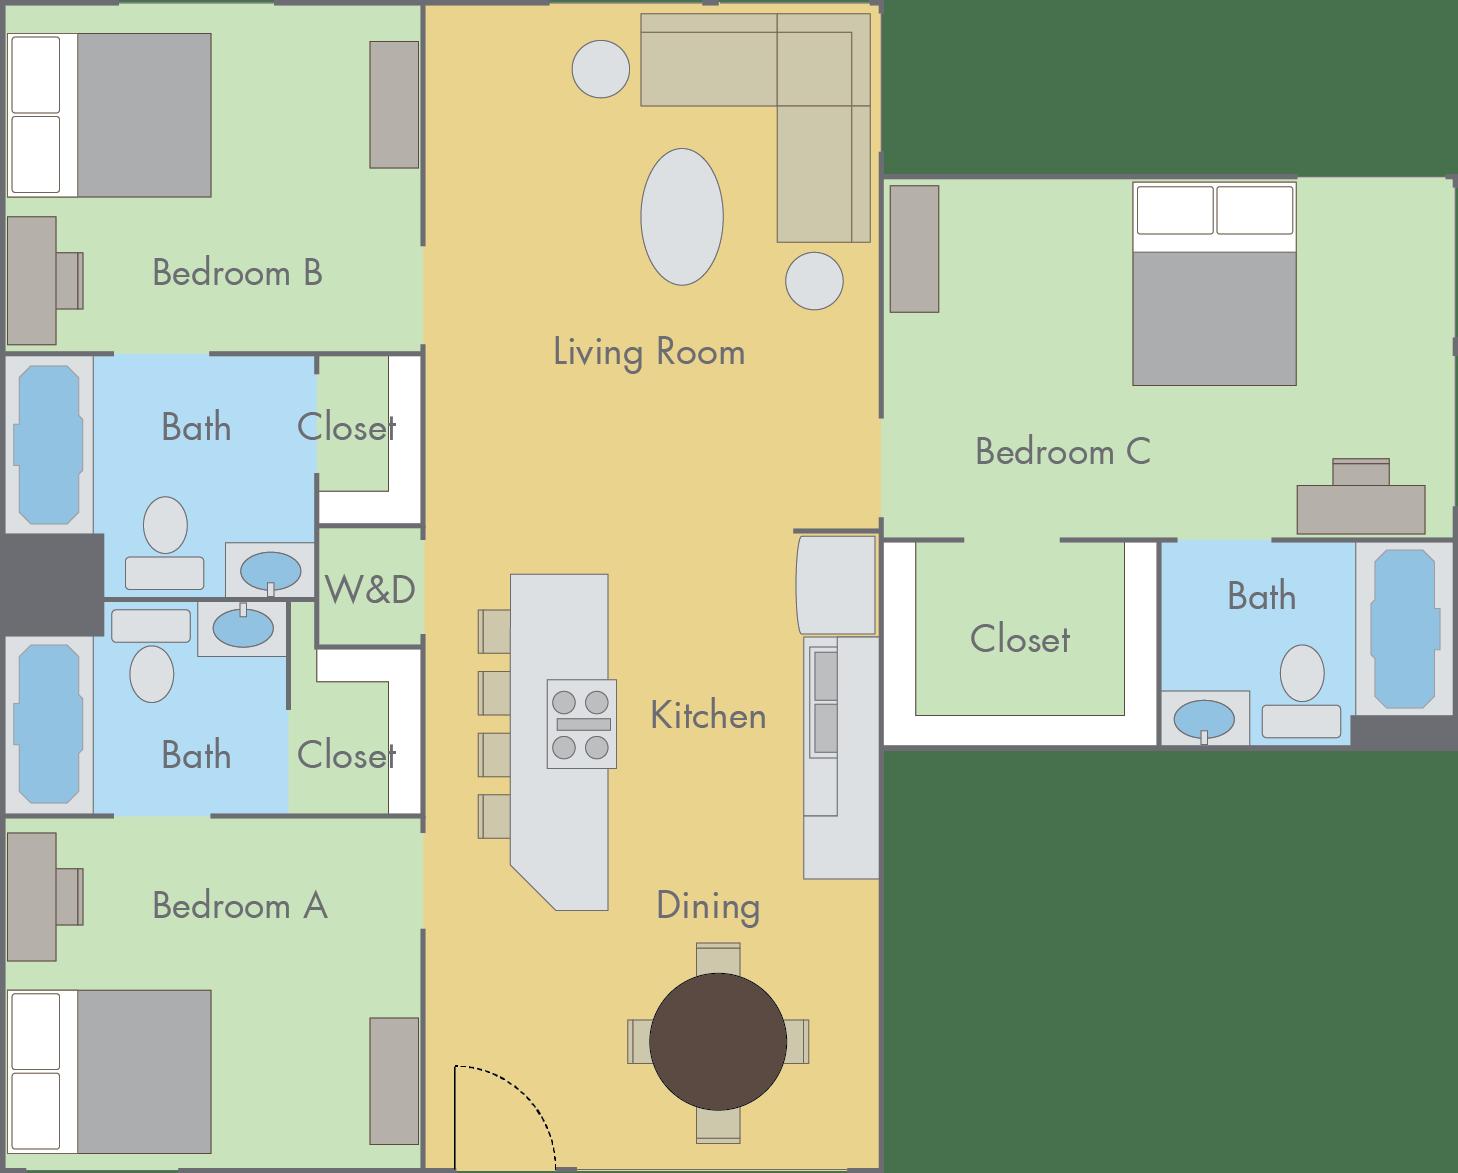 the colleges floor plan - 2 bedroom, 2 bathroom